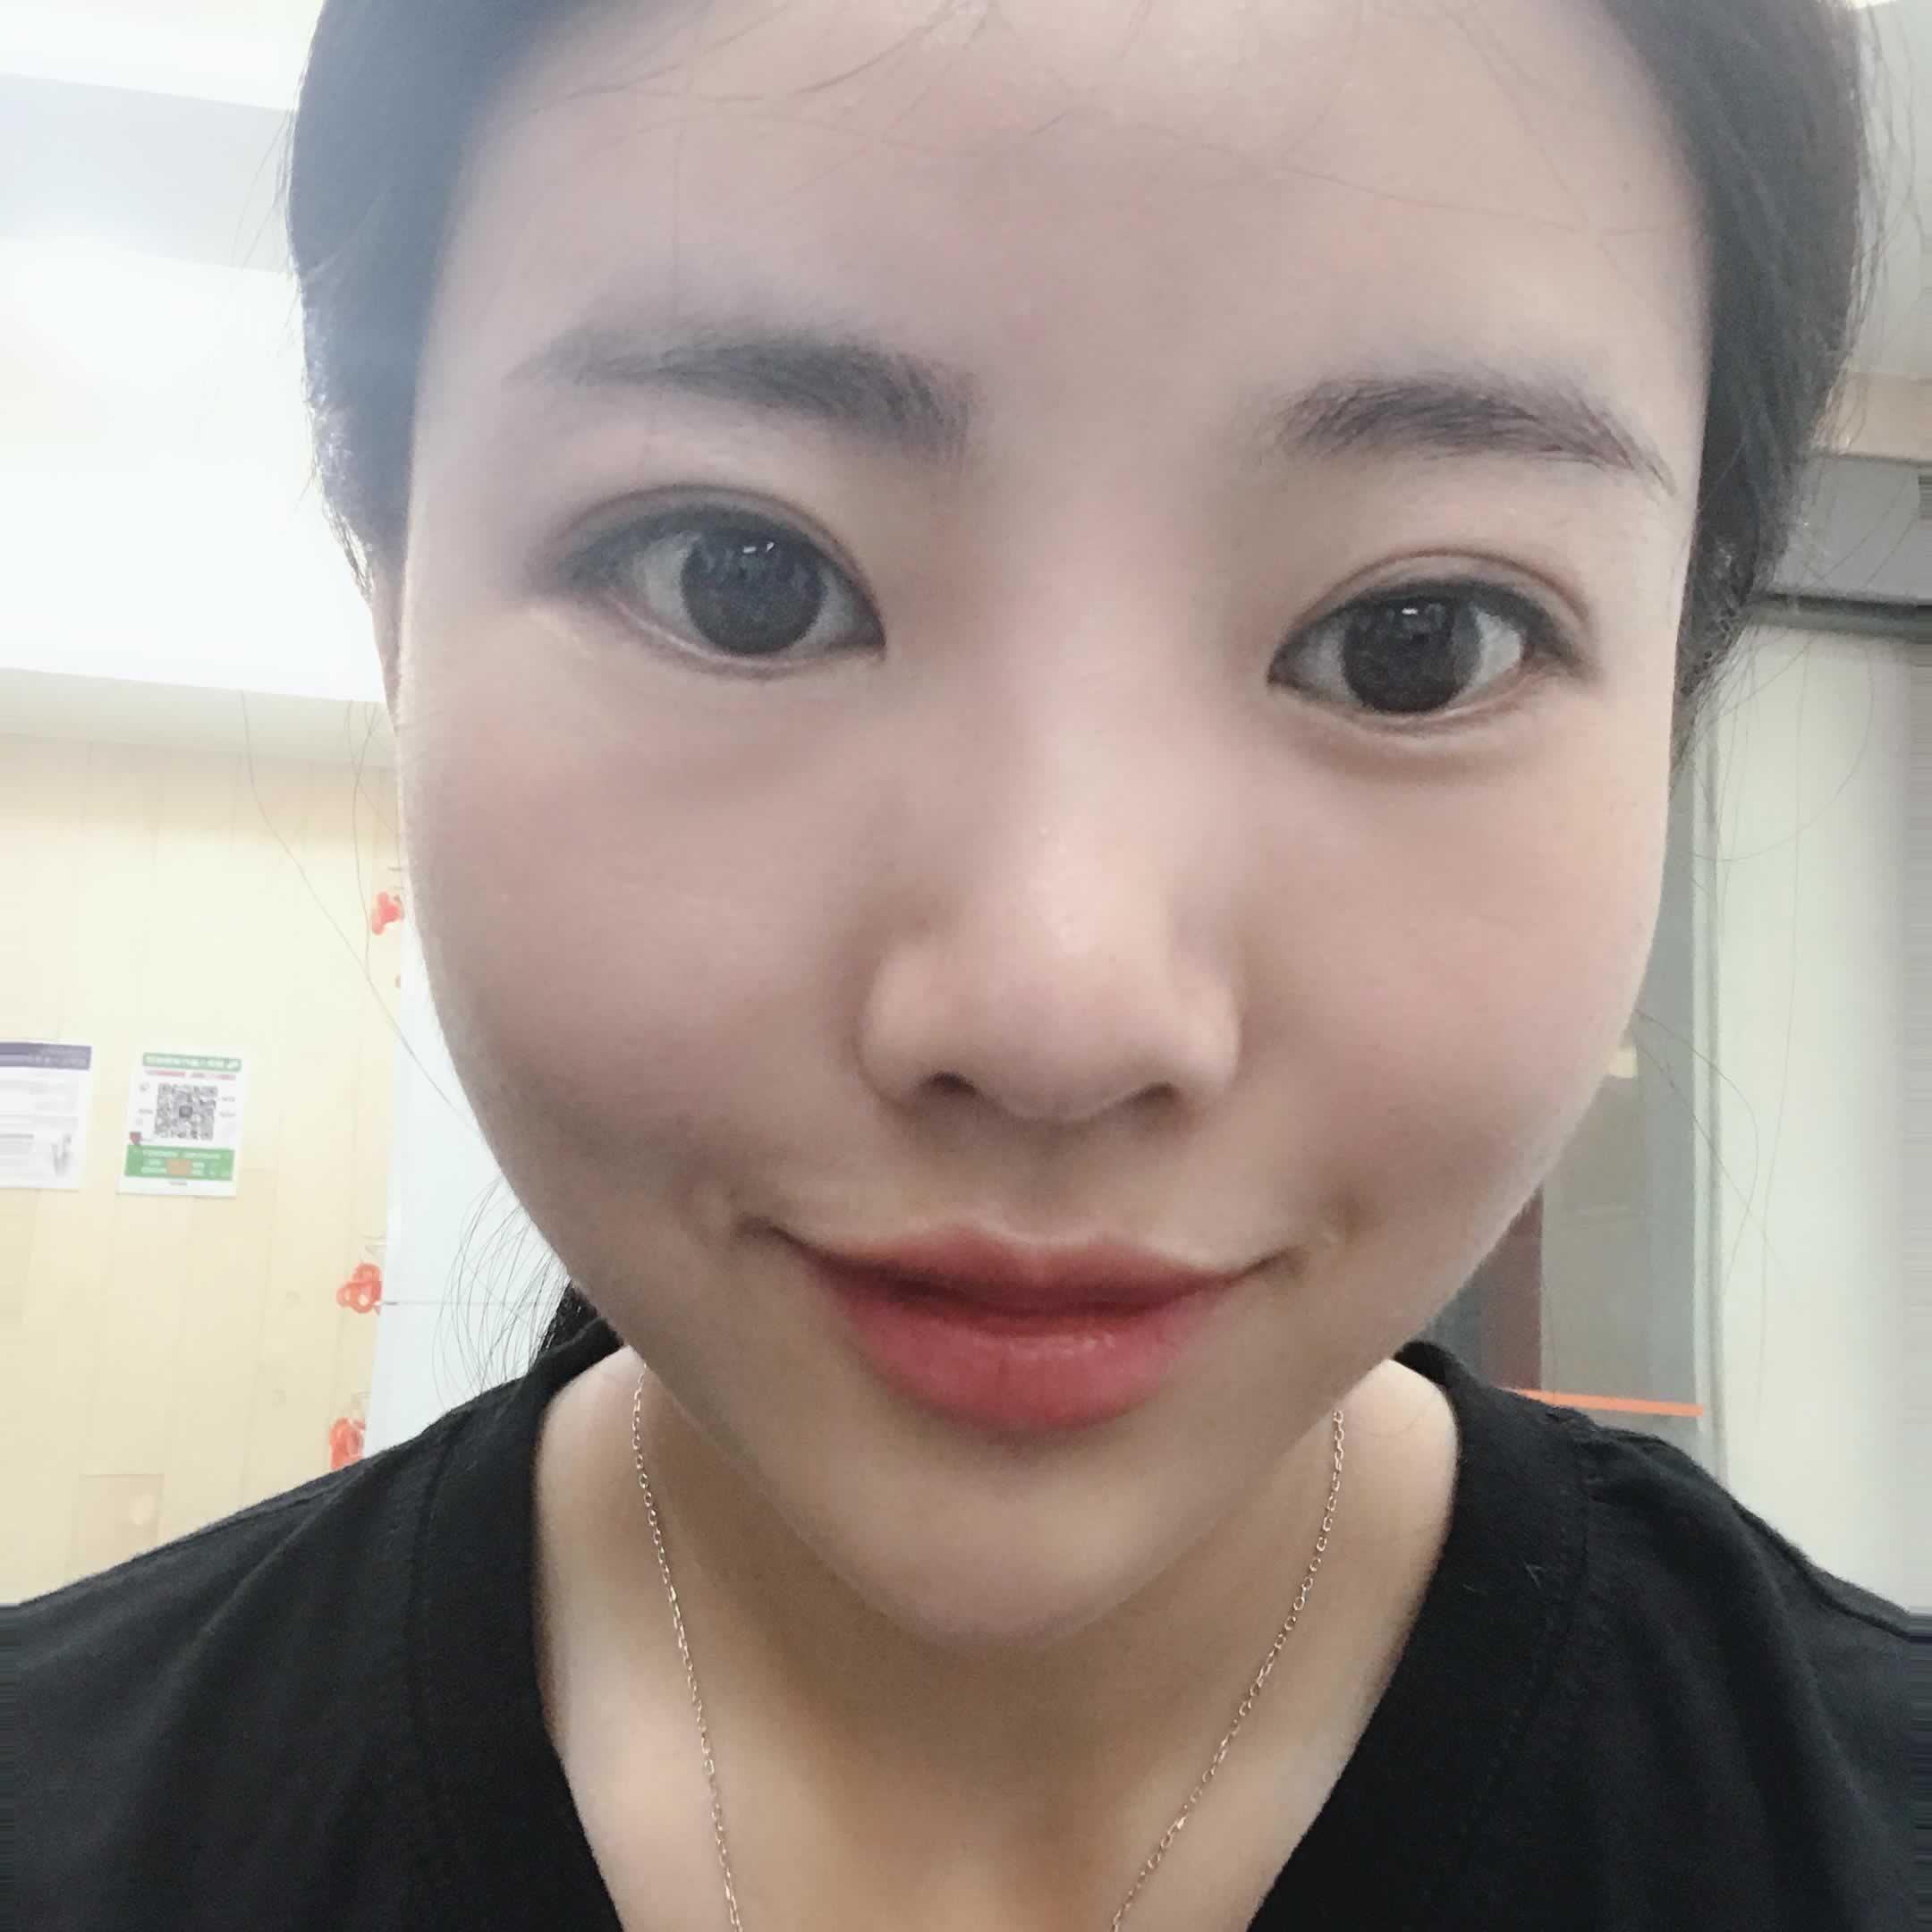 在韩国宝士丽做鼻部多项术后效果怎么样?